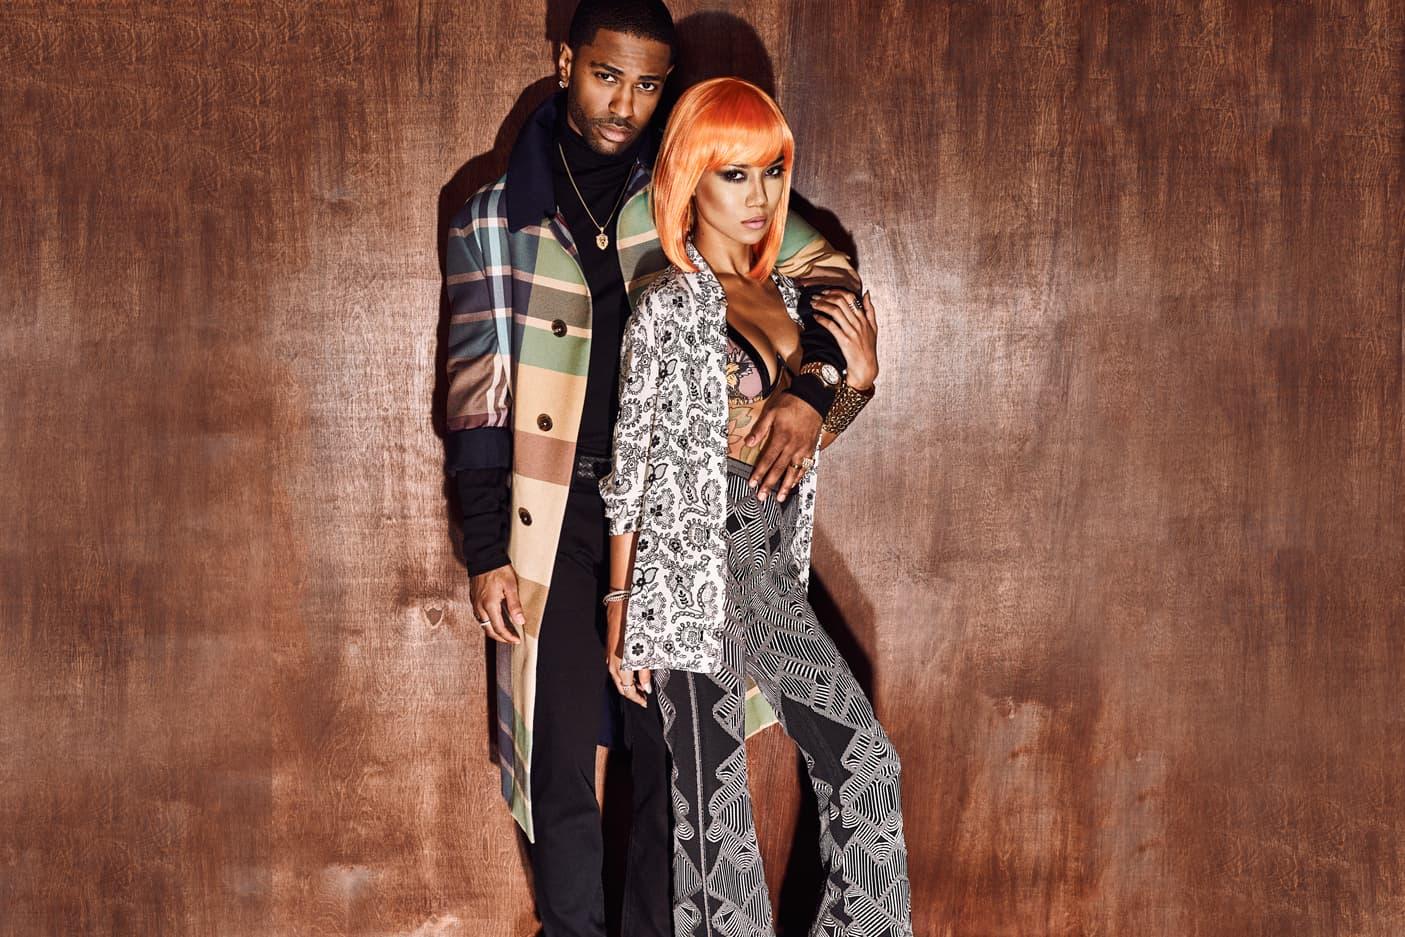 Stream Big Sean & Jhené Aiko's 'Twenty88' EP Now